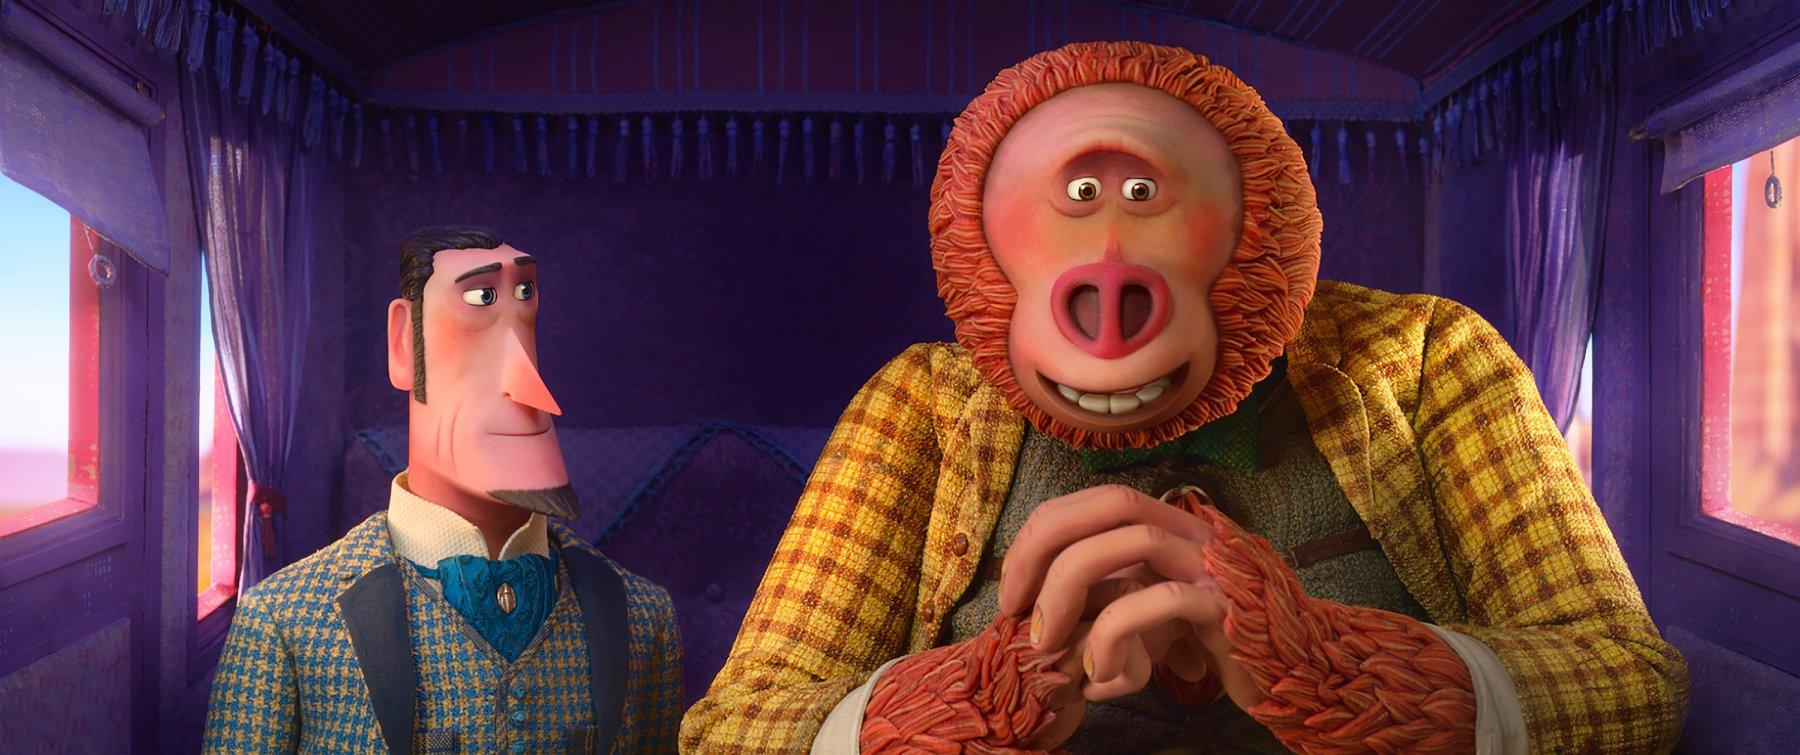 domnul link vine în premieră în aventura animată haios şi blănos din 12 aprilie pe marile ecrane Domnul Link vine în premieră în aventura animată Haios şi Blănos din 12 aprilie pe marile ecrane Missing Link 1